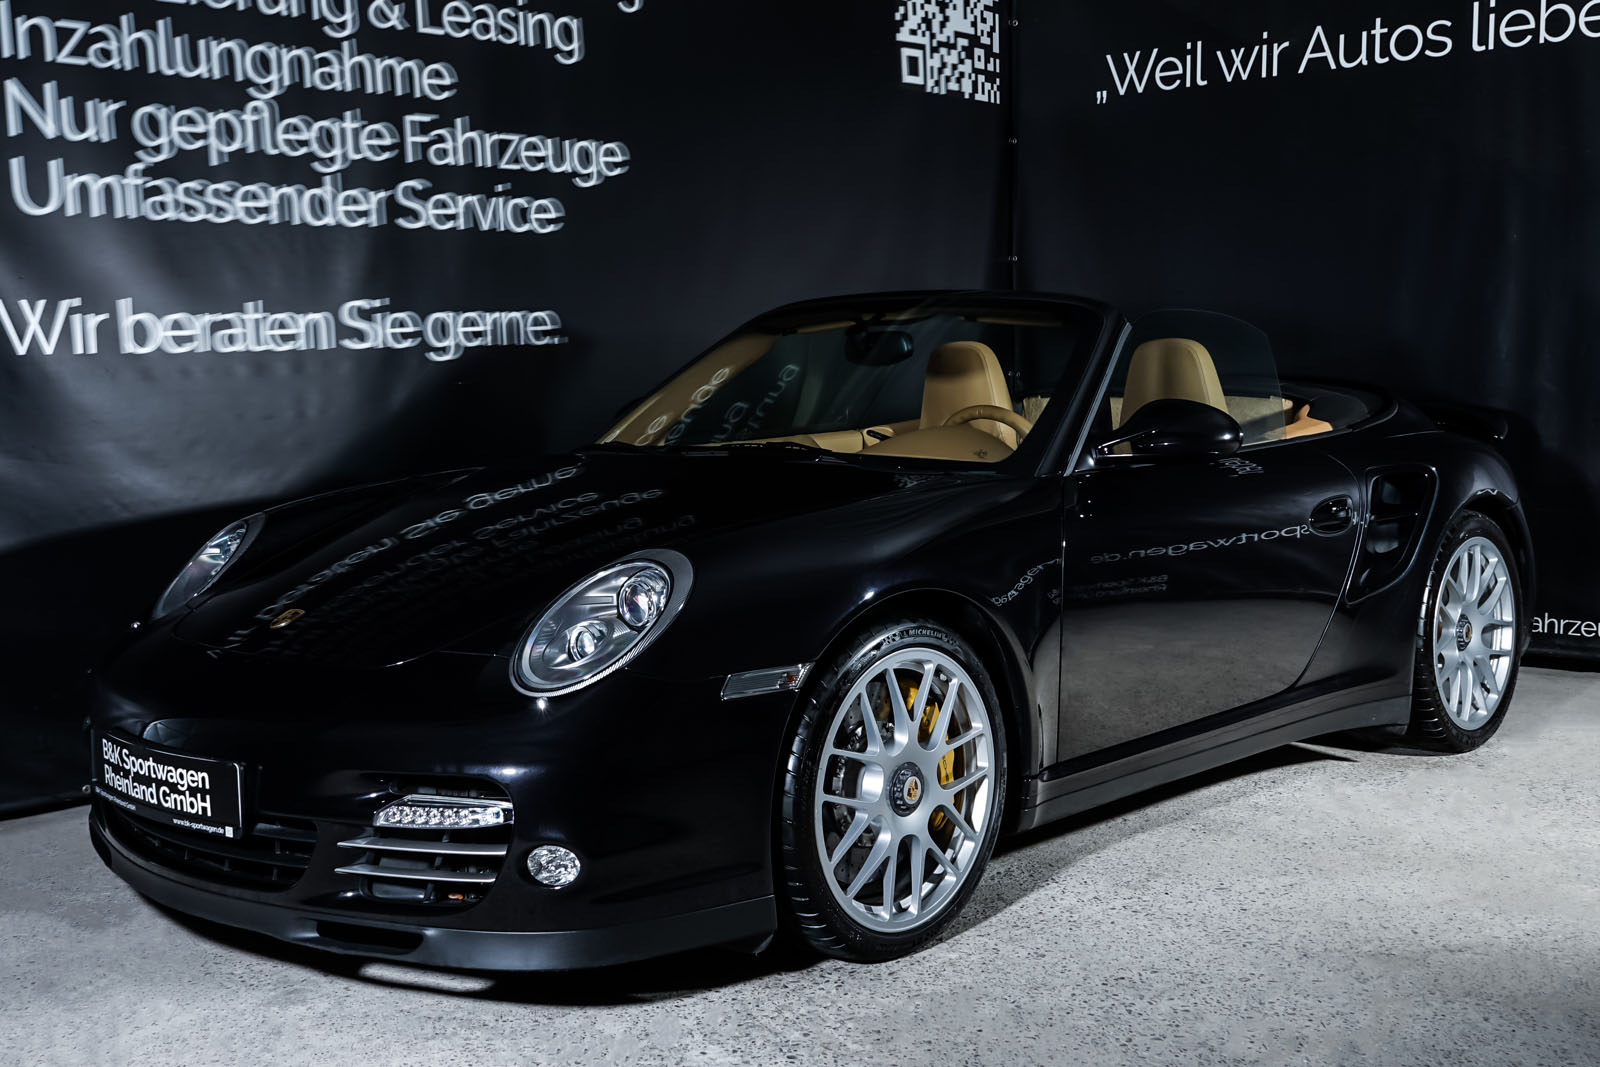 Porsche_997_TurboS_Cabrio_Schwarz_Beige_POR-0260_7_w